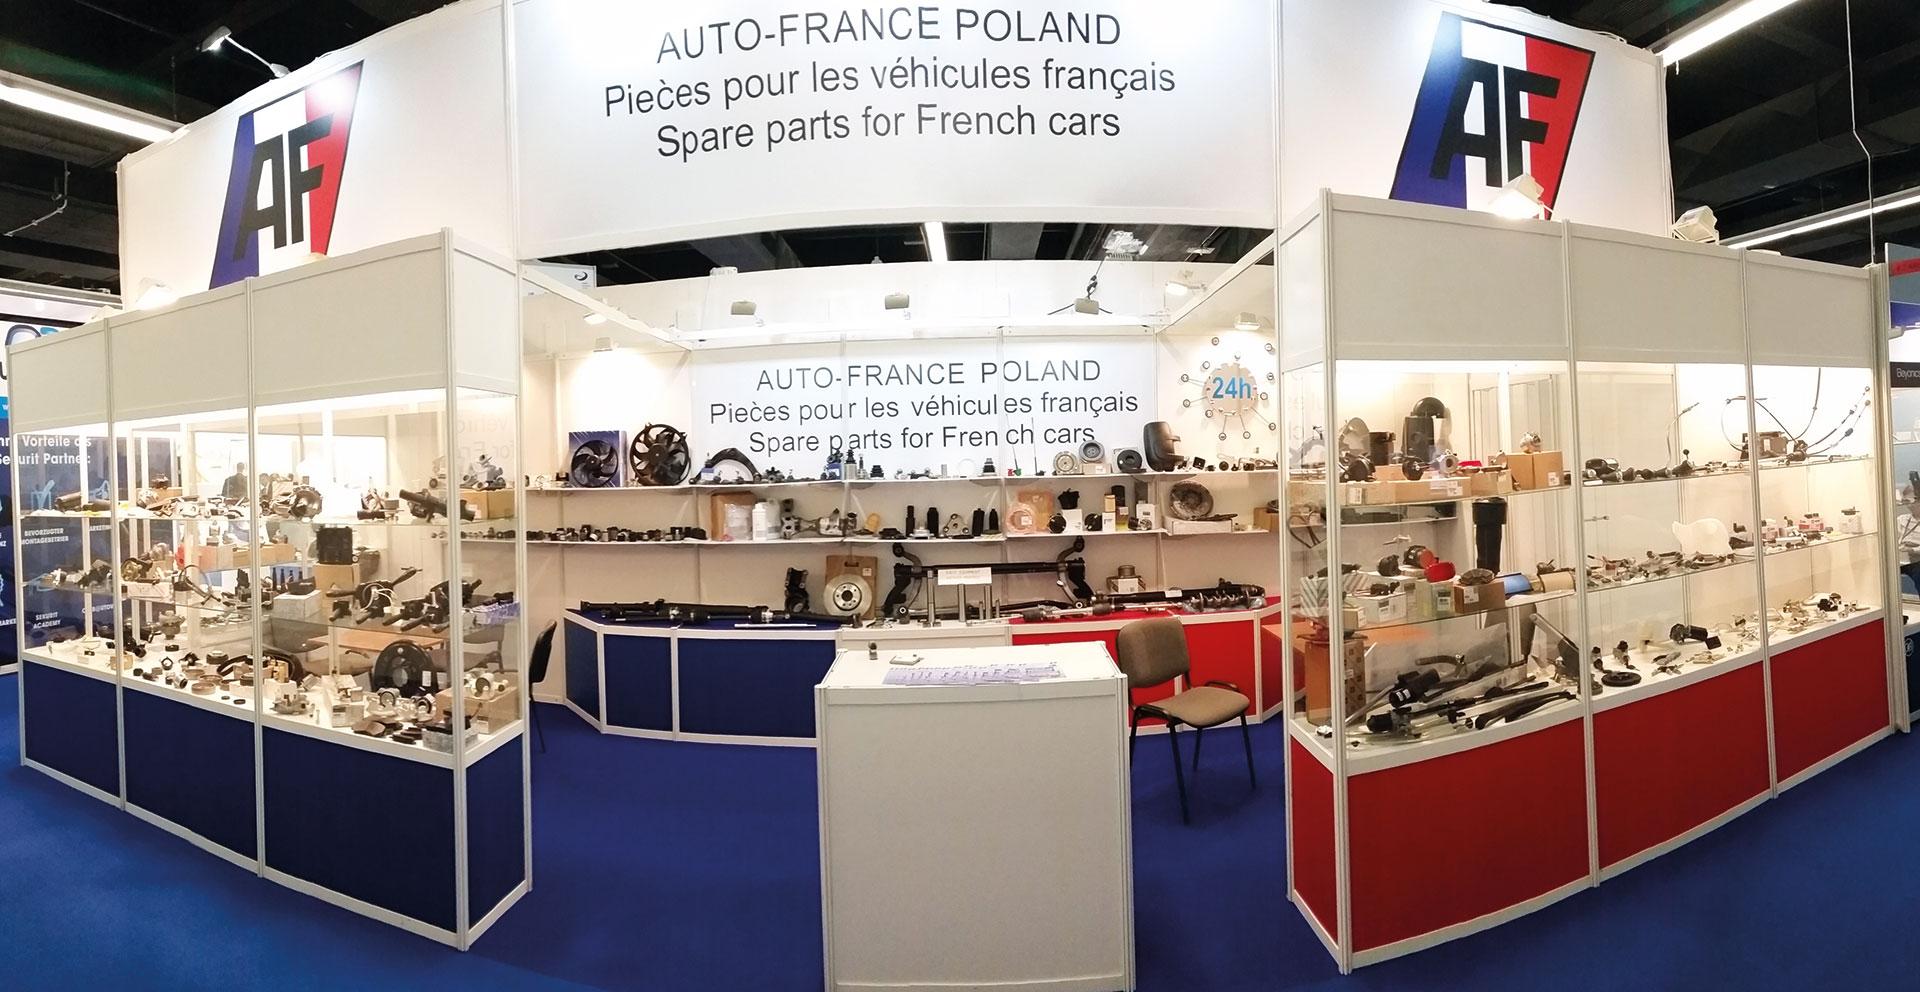 Firma Auto-France była jednym z wystawców tegorocznej Automechaniki we Frankfurcie